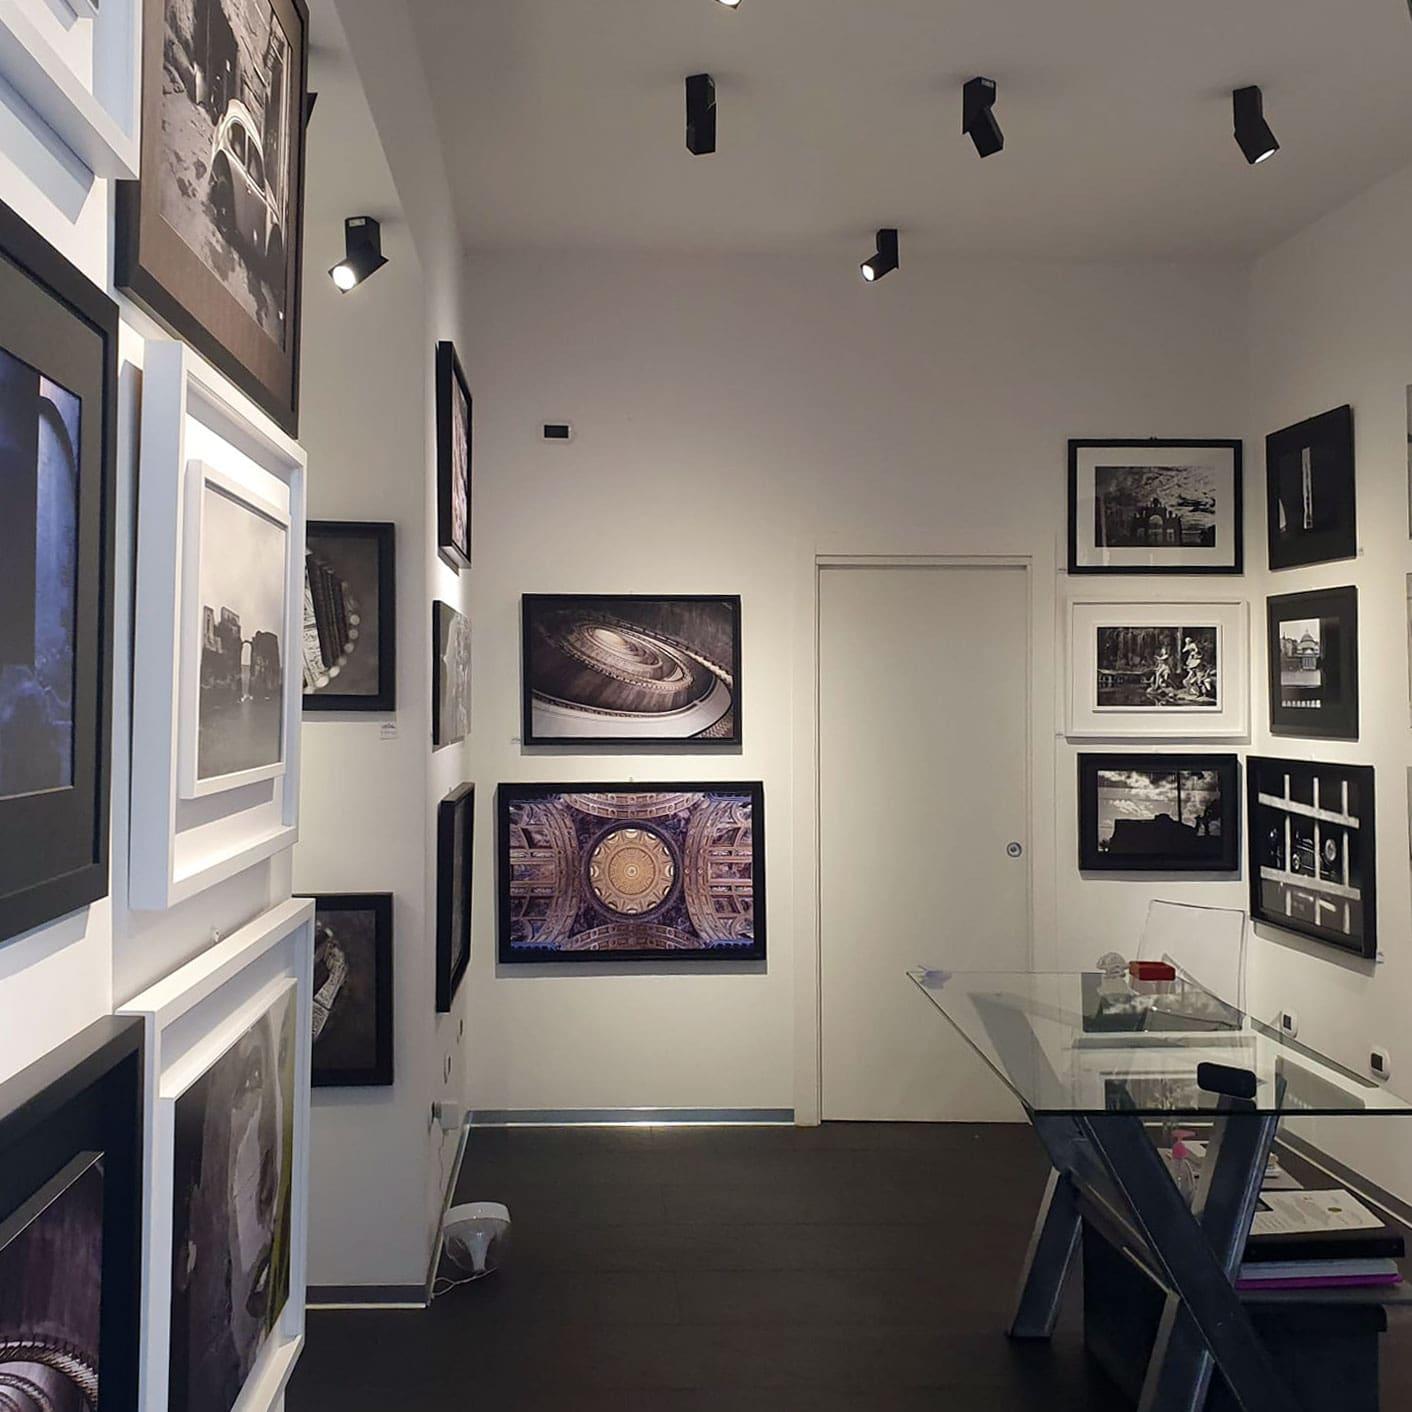 mCd Gallery